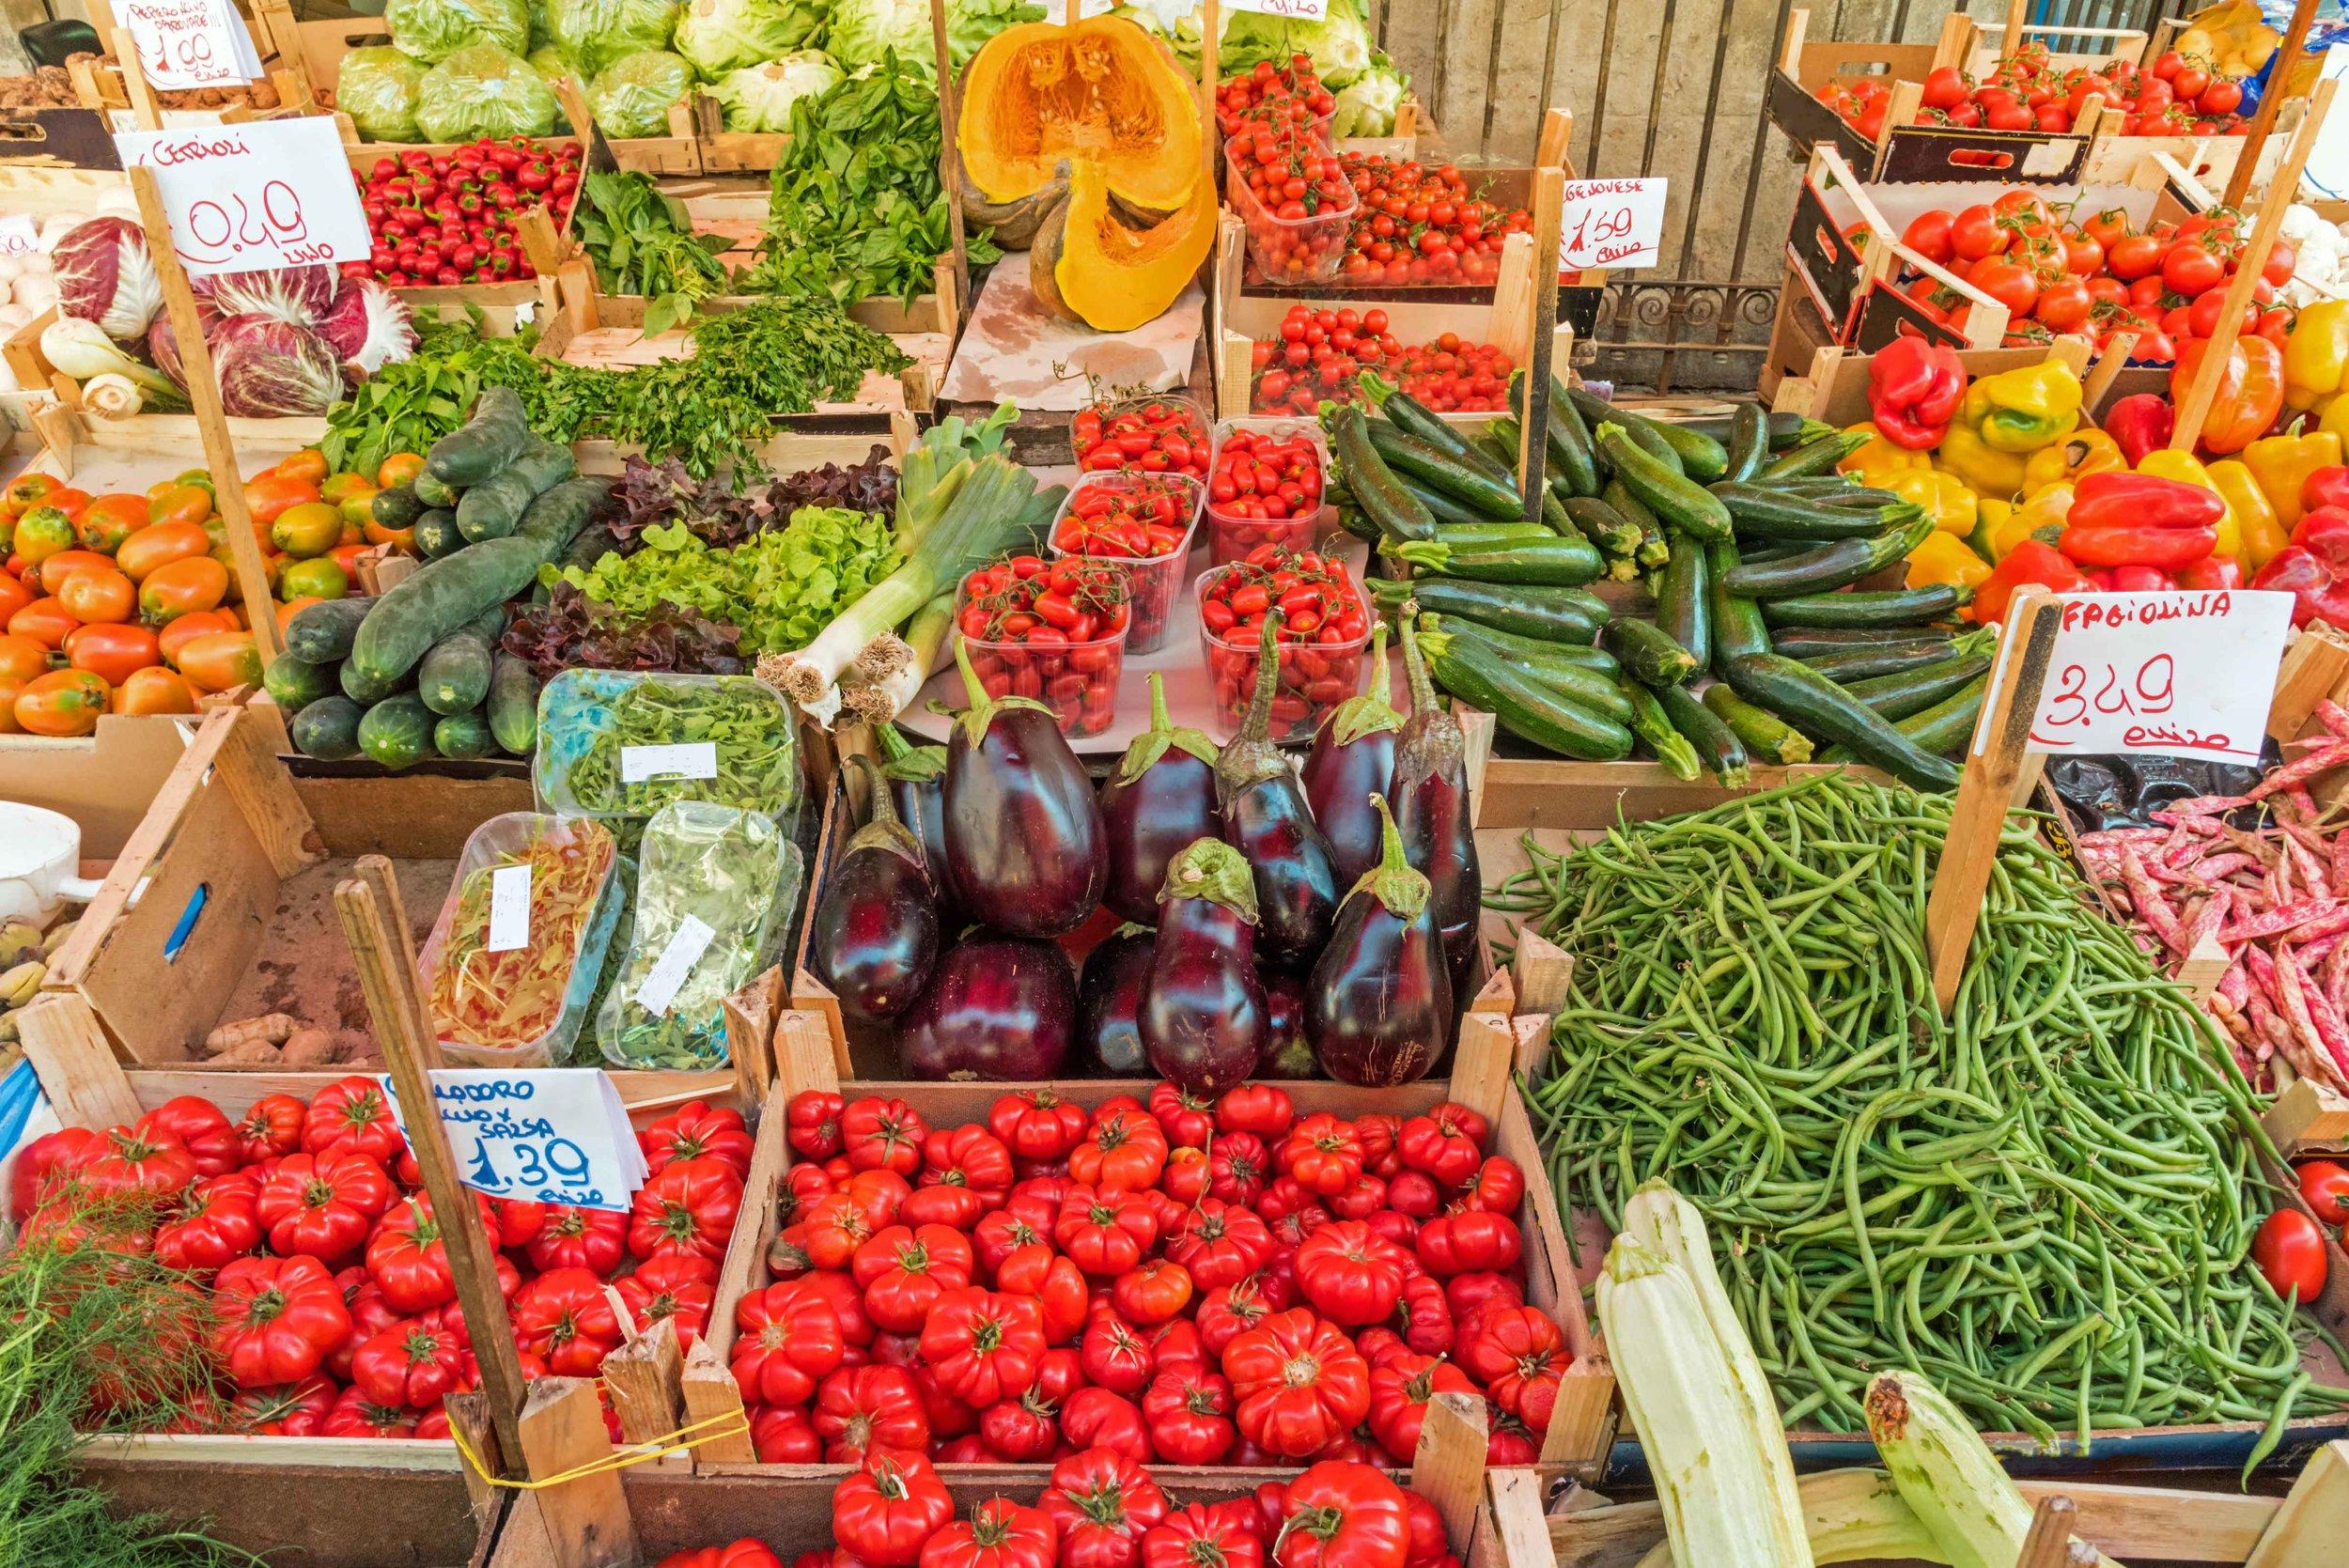 Food-Sicily-Jidlo-Sicilie.jpg